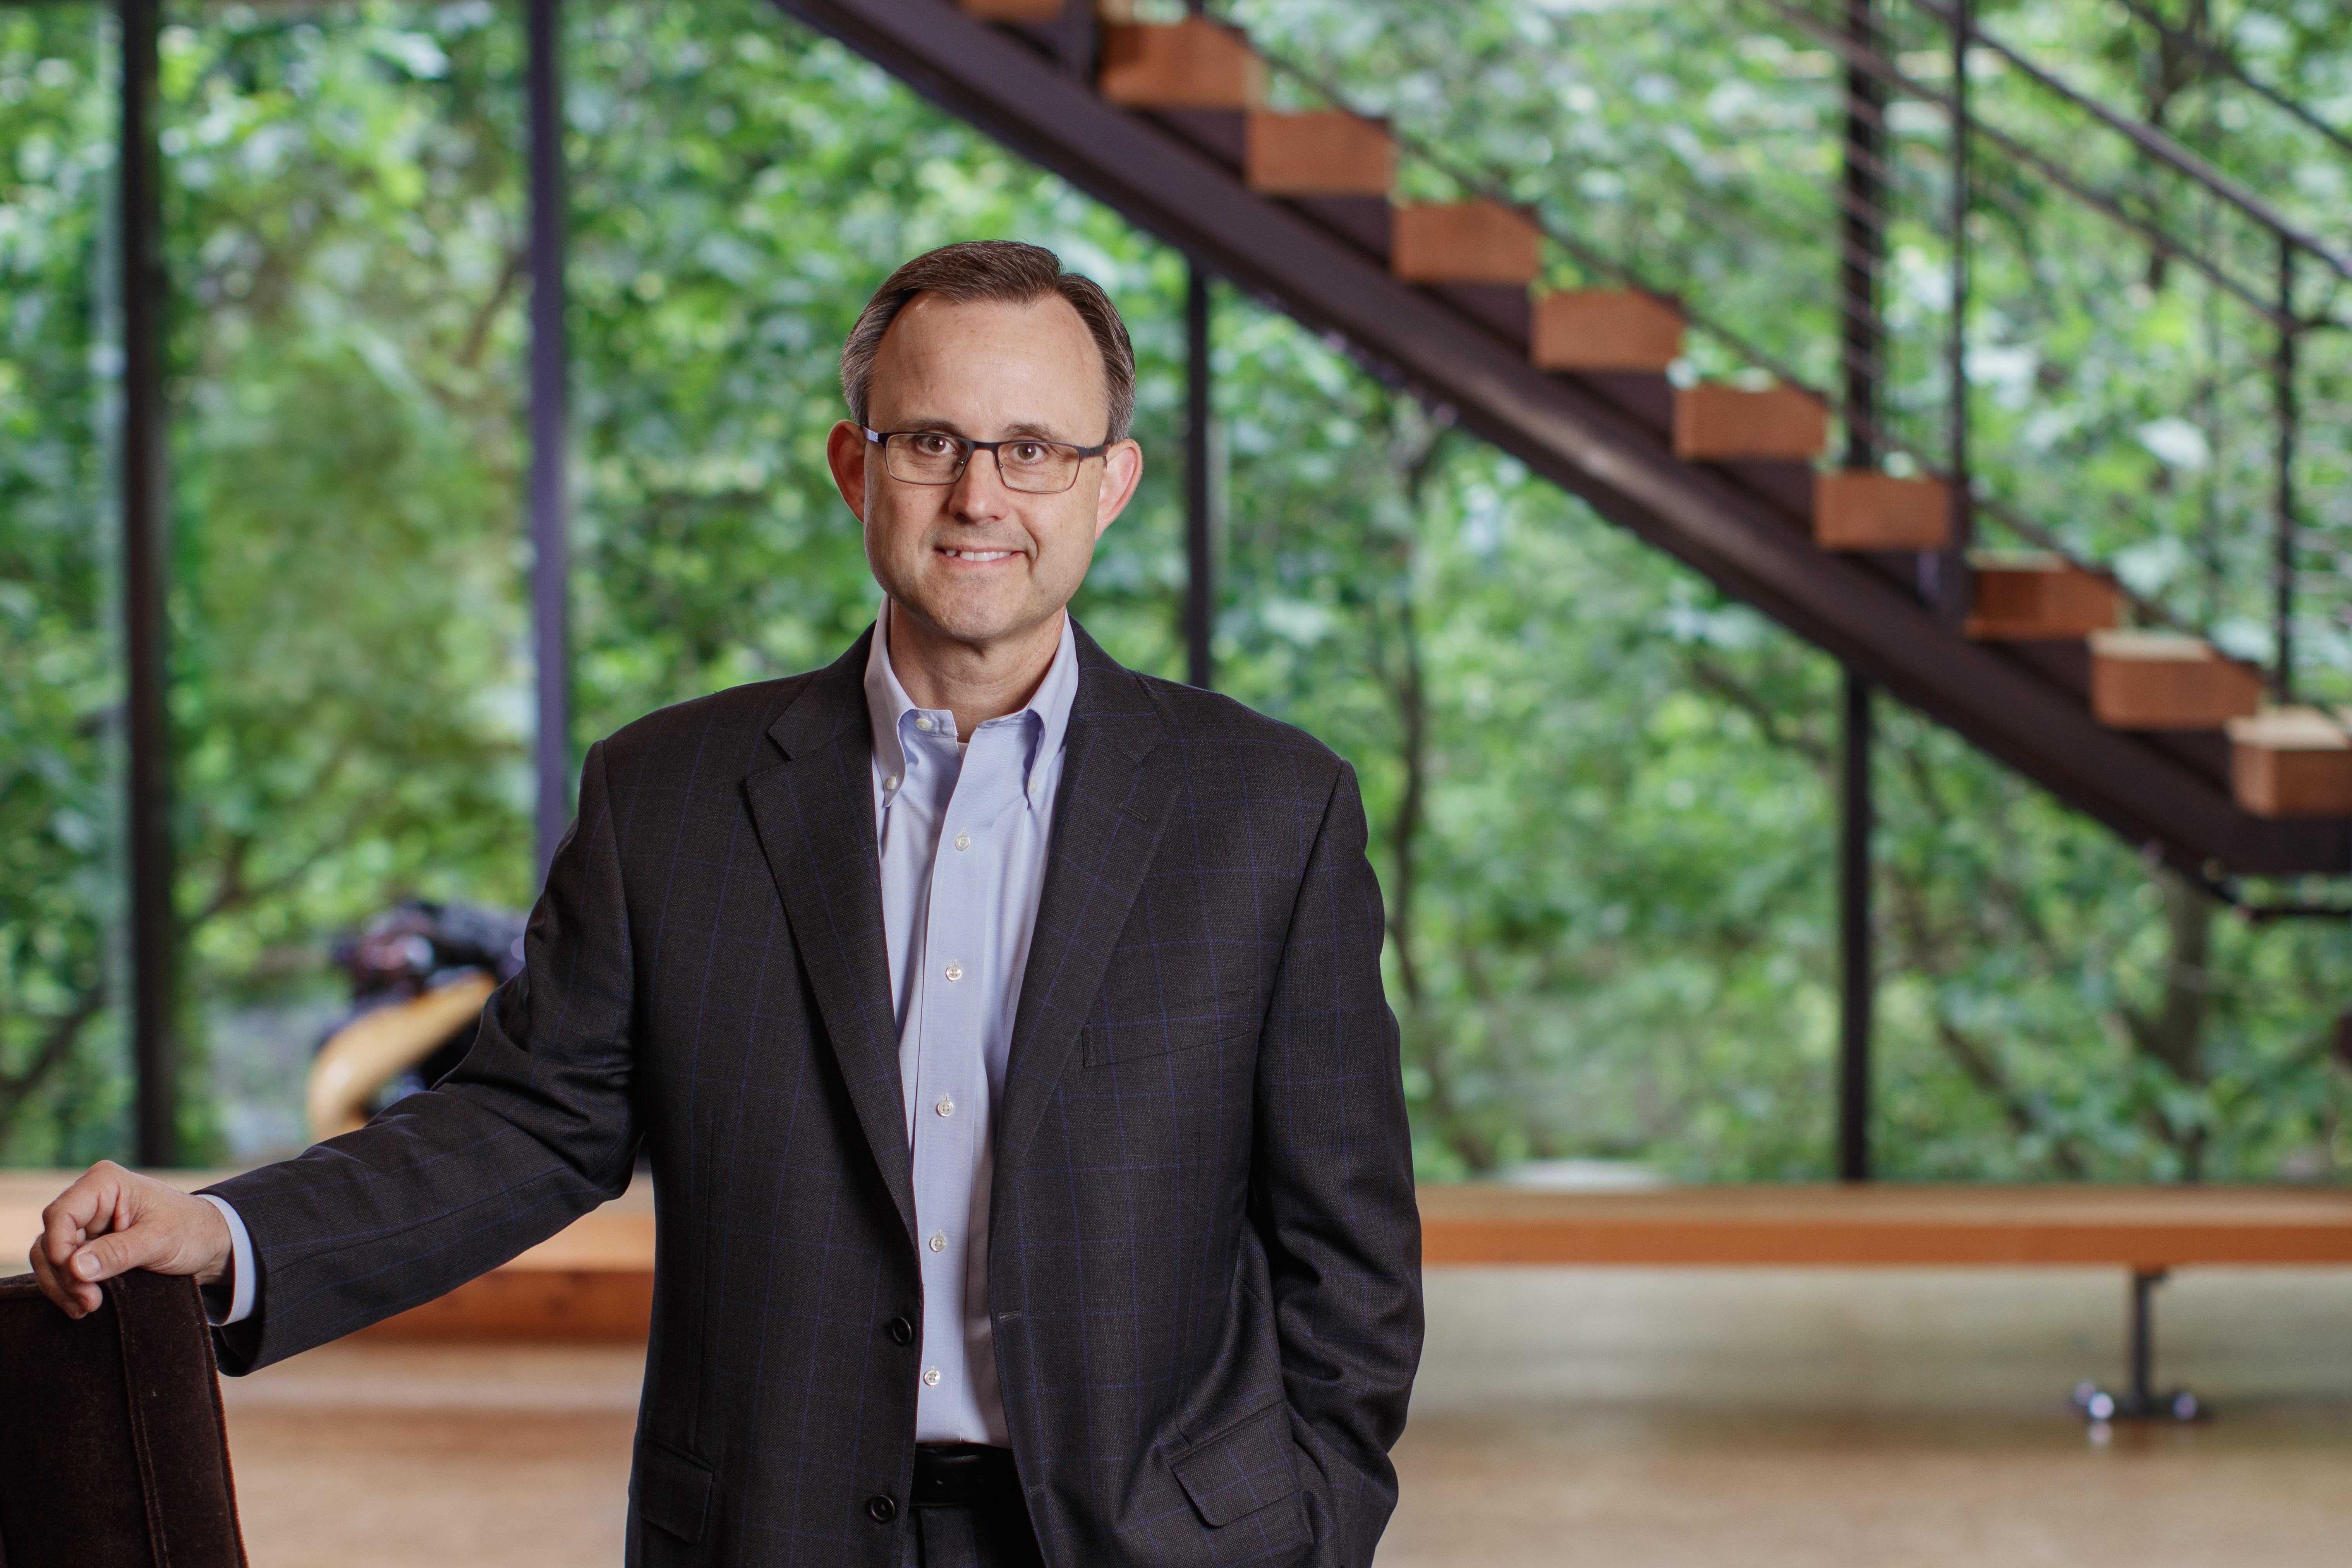 Devin Stockfish. CEO of Weyerhaeuser